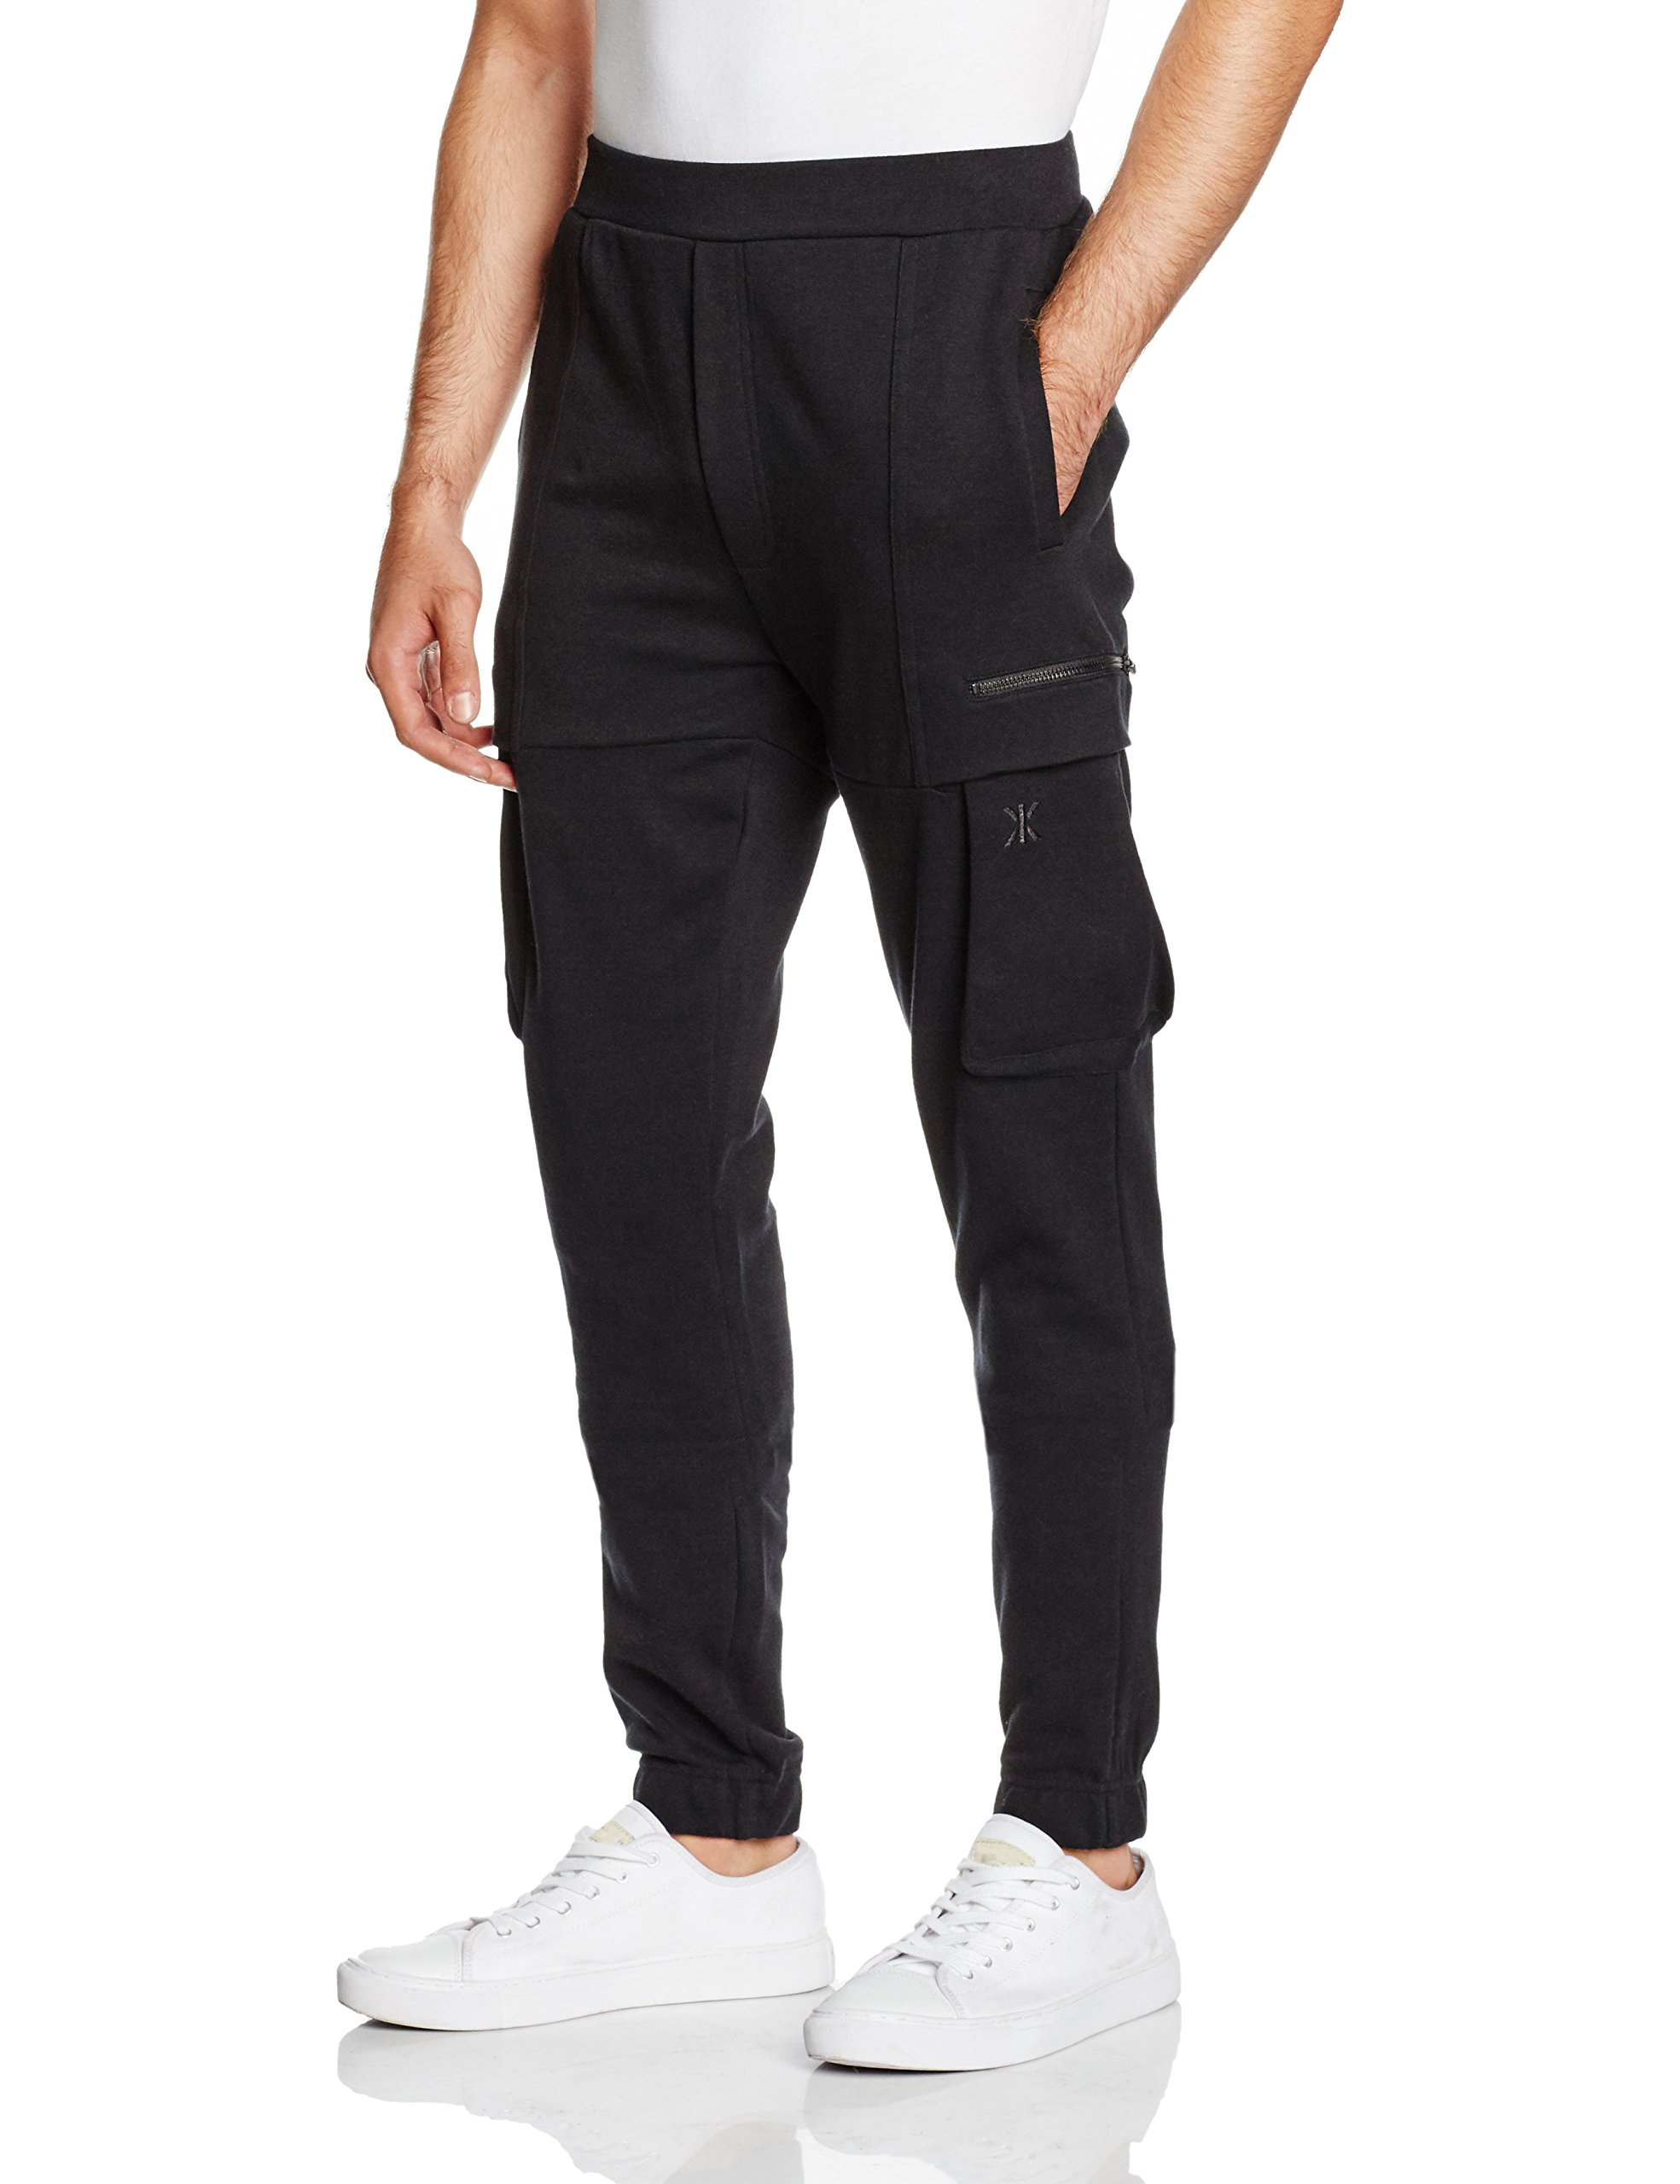 SportNoirschwarzXl One Pant Pantalon De Piece Mixte Onepiece Distance vNn08wm